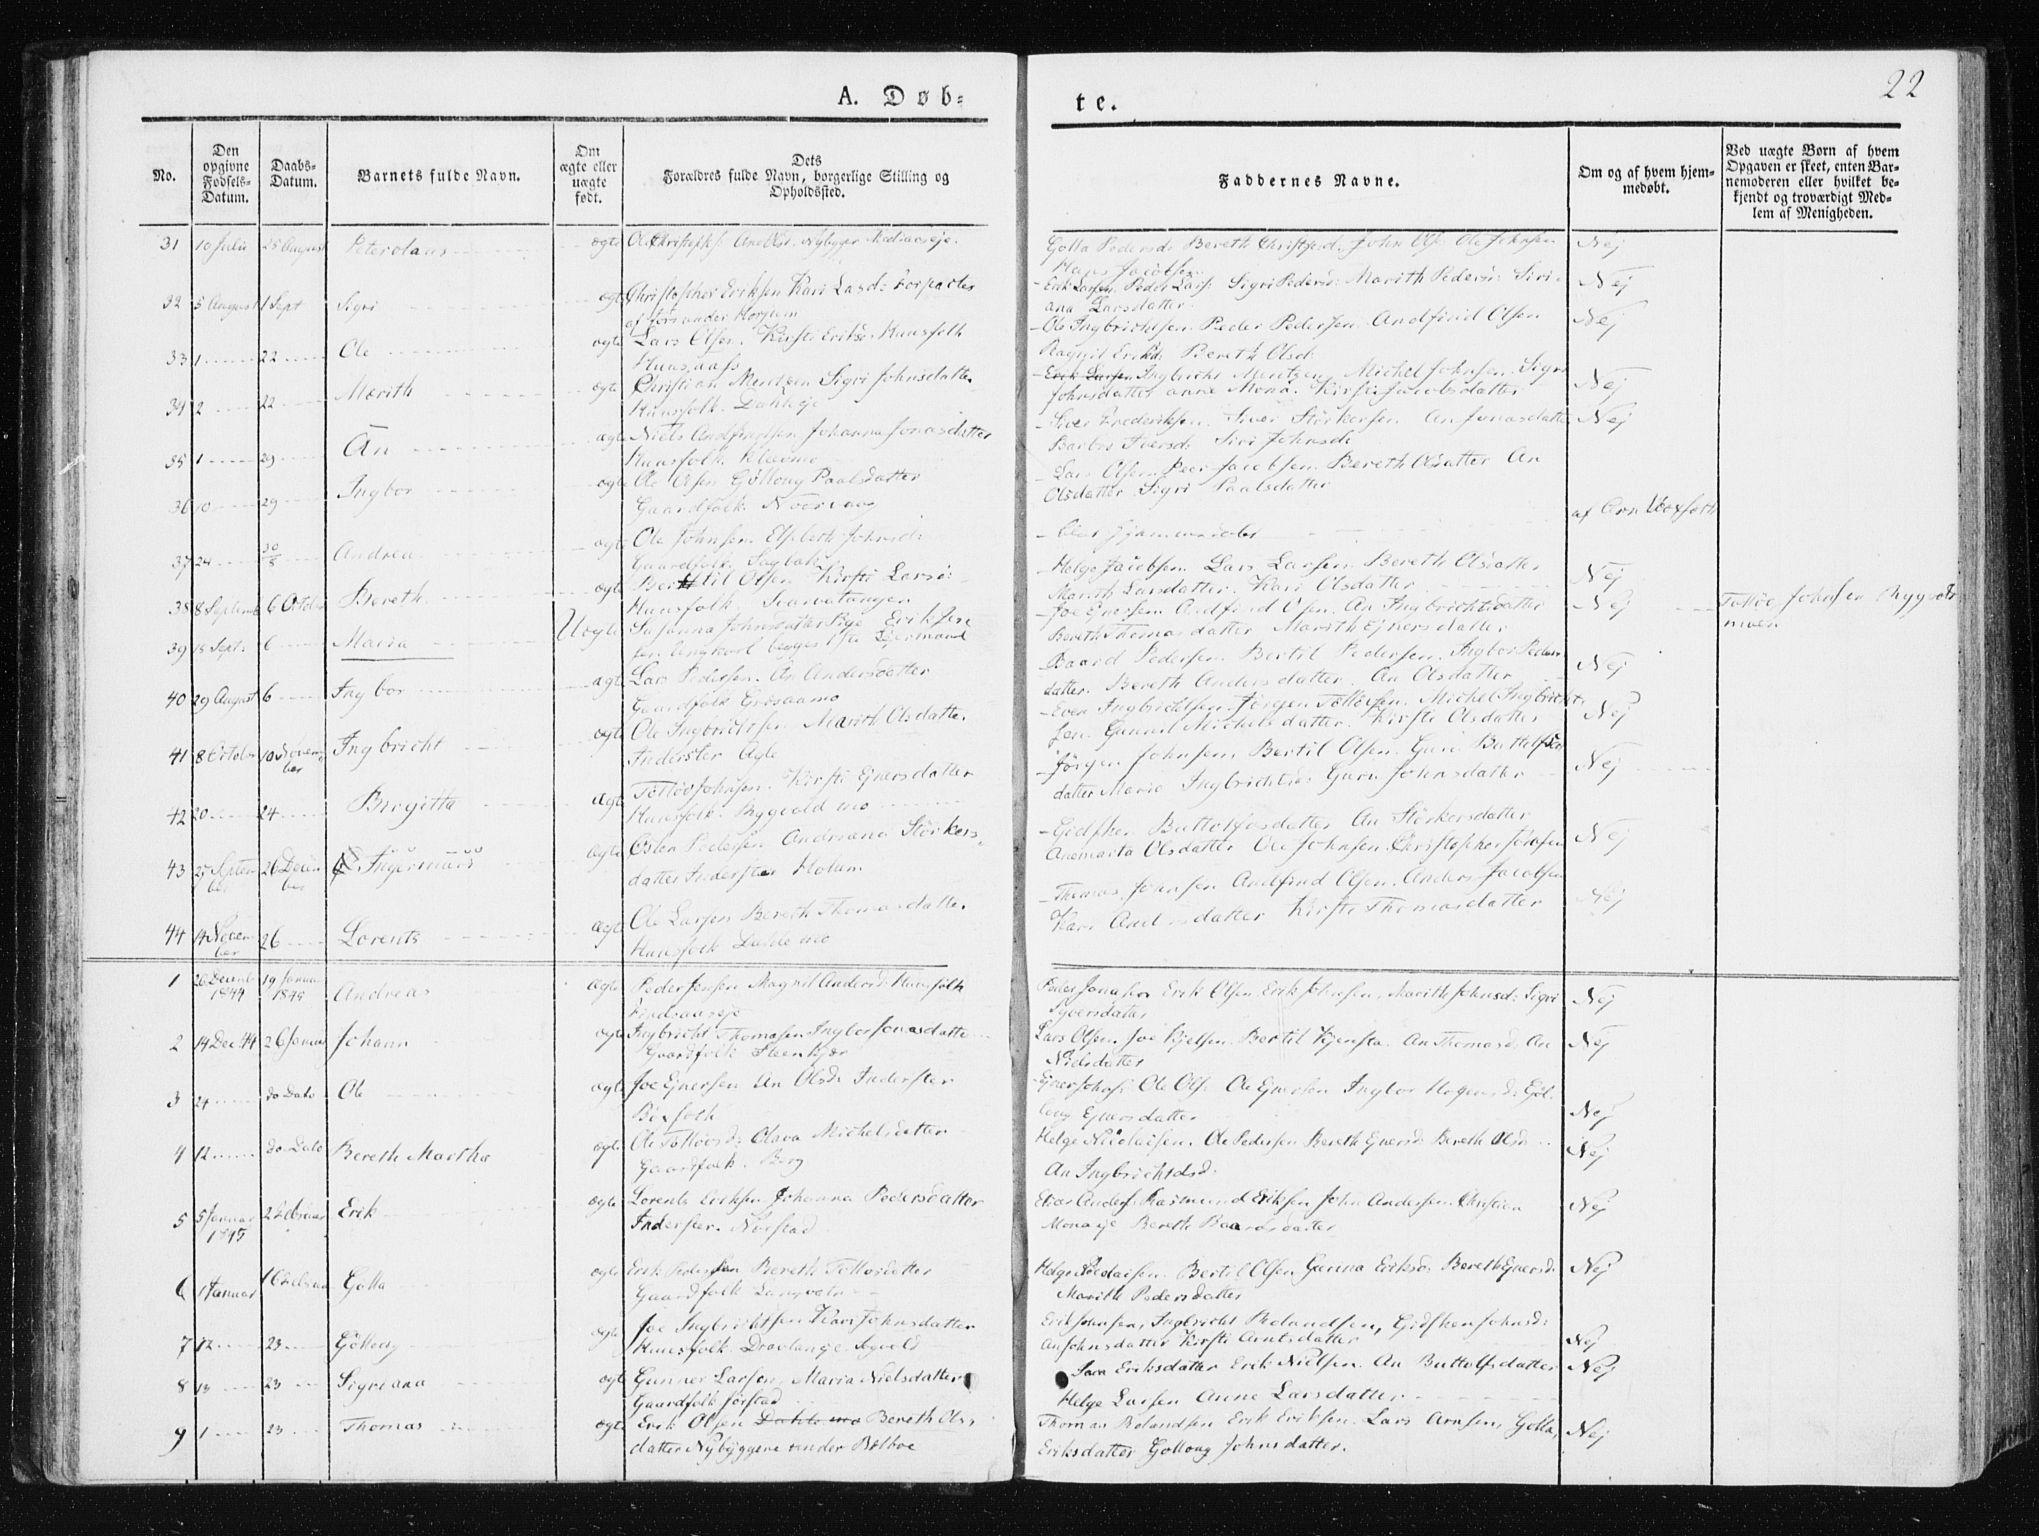 SAT, Ministerialprotokoller, klokkerbøker og fødselsregistre - Nord-Trøndelag, 749/L0470: Ministerialbok nr. 749A04, 1834-1853, s. 22